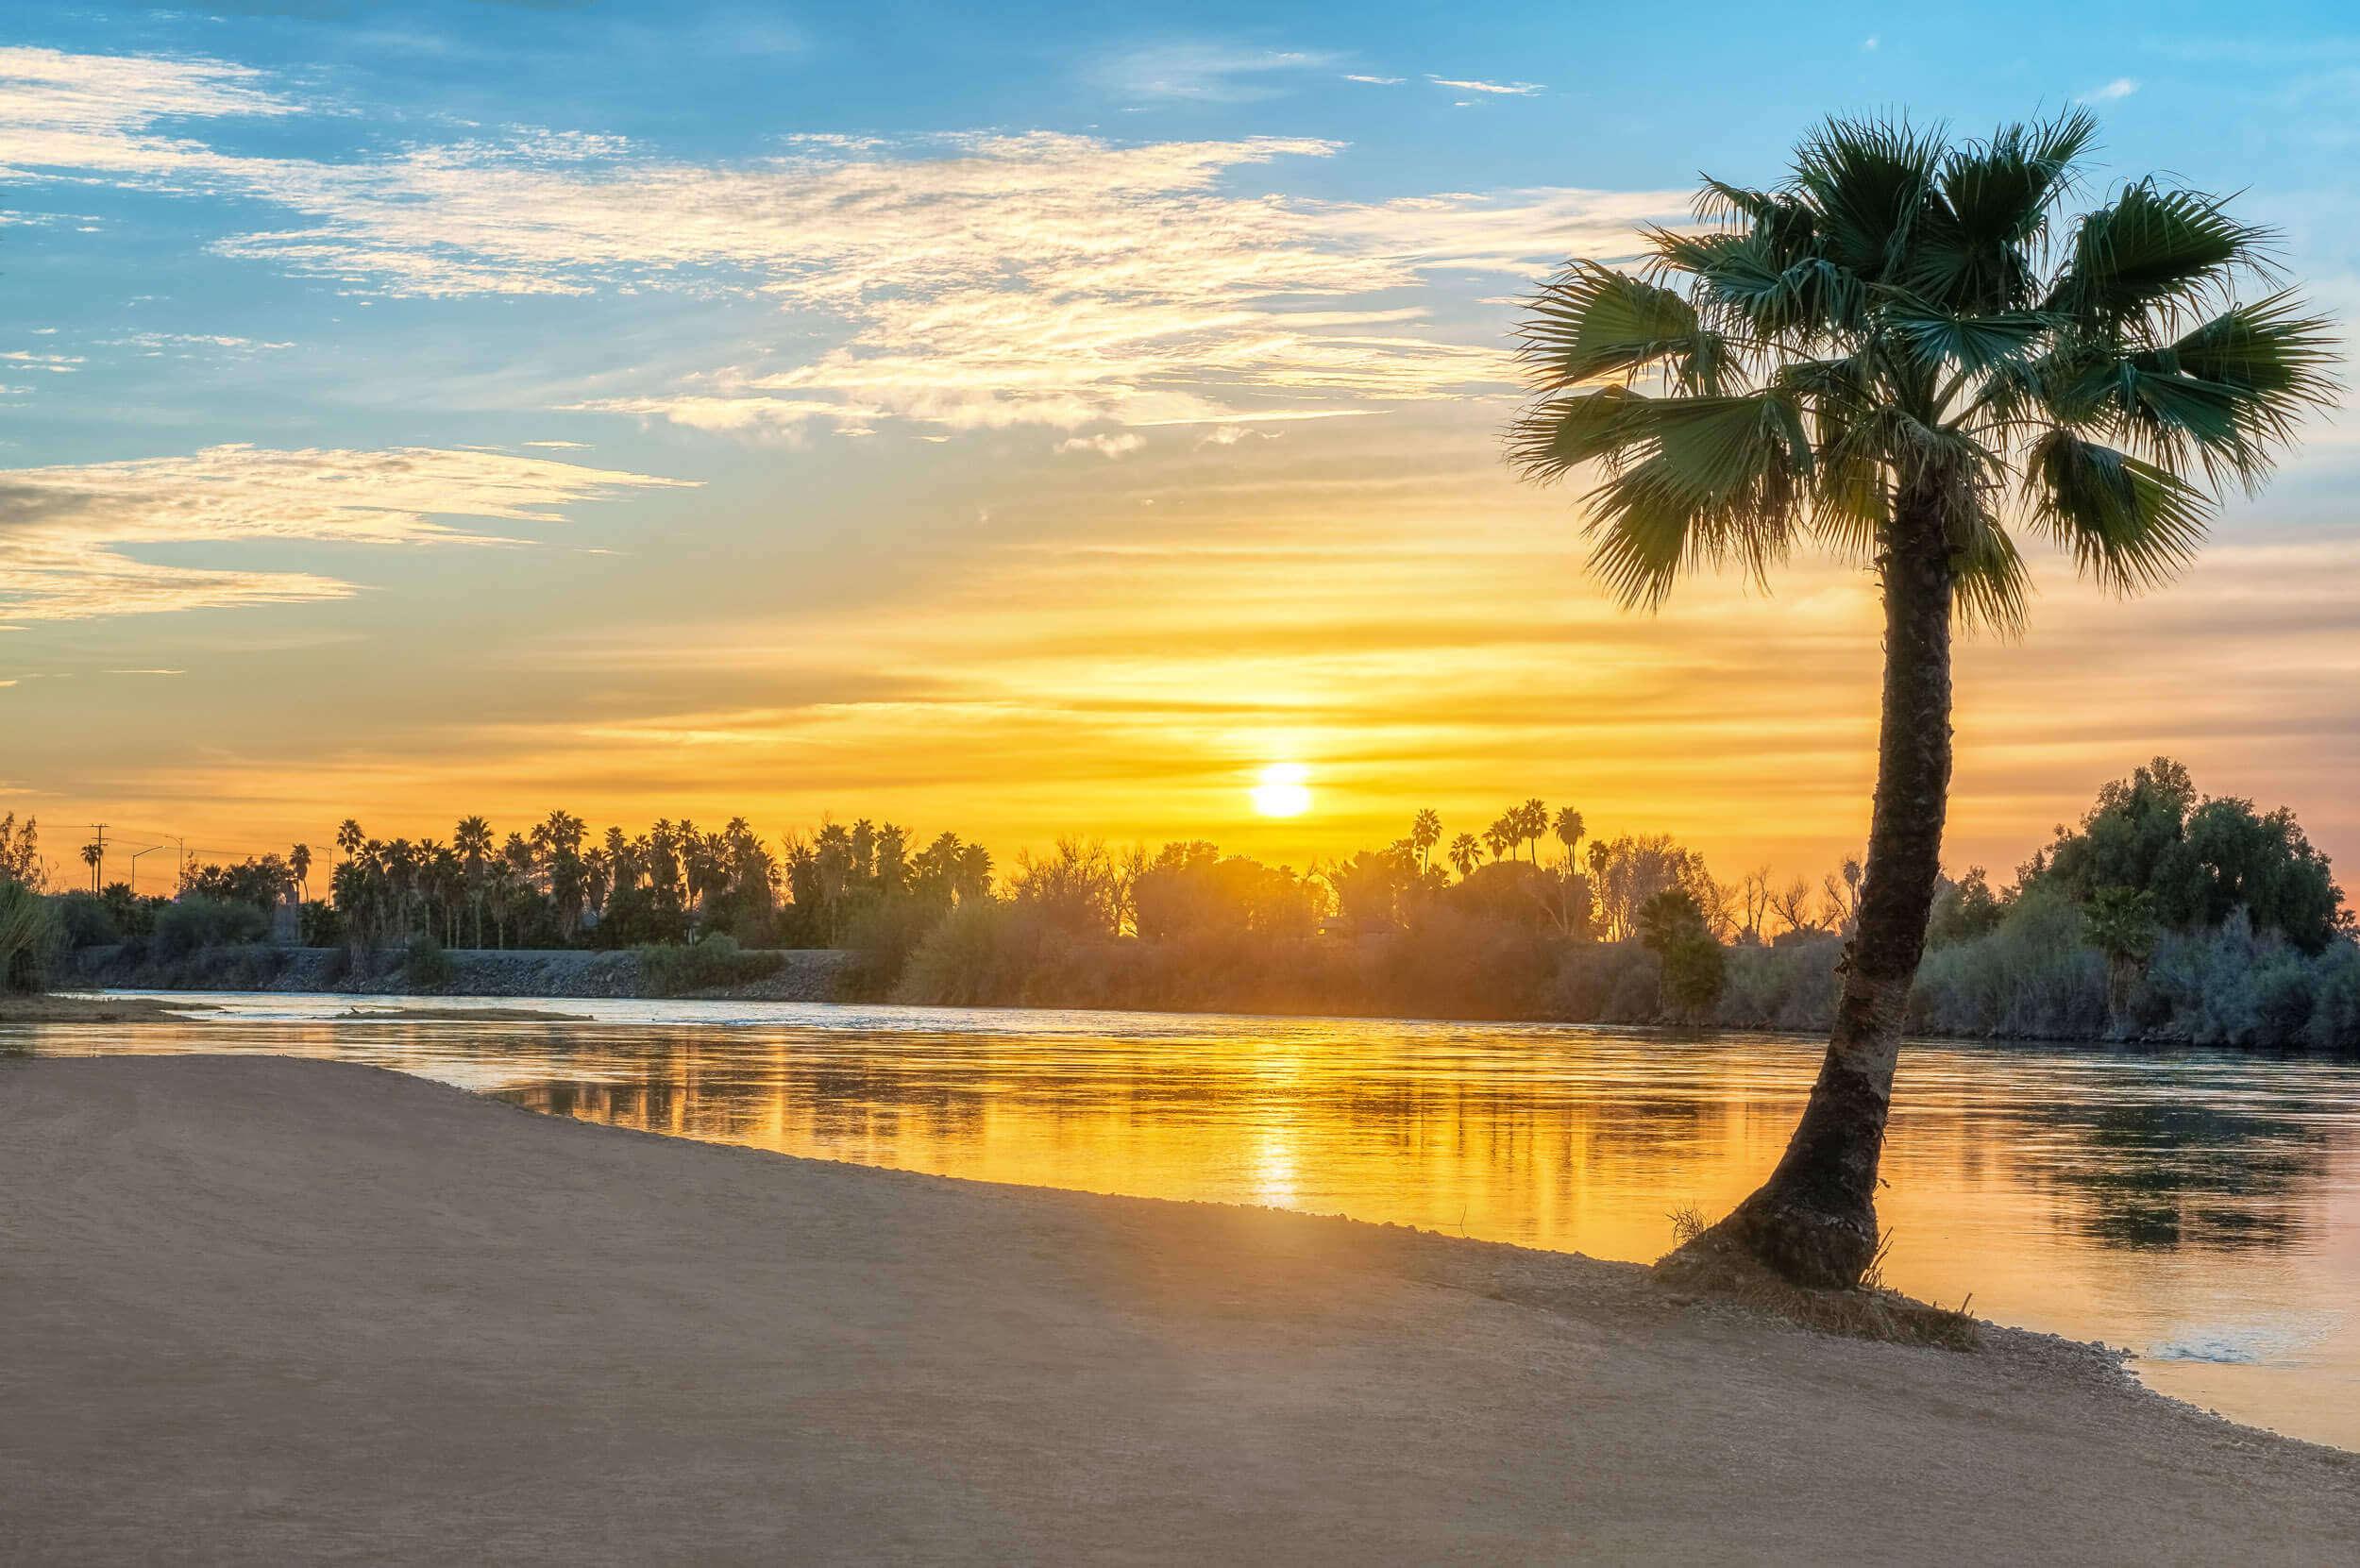 beach-palm-tree-sunset-colorado-river.jpg